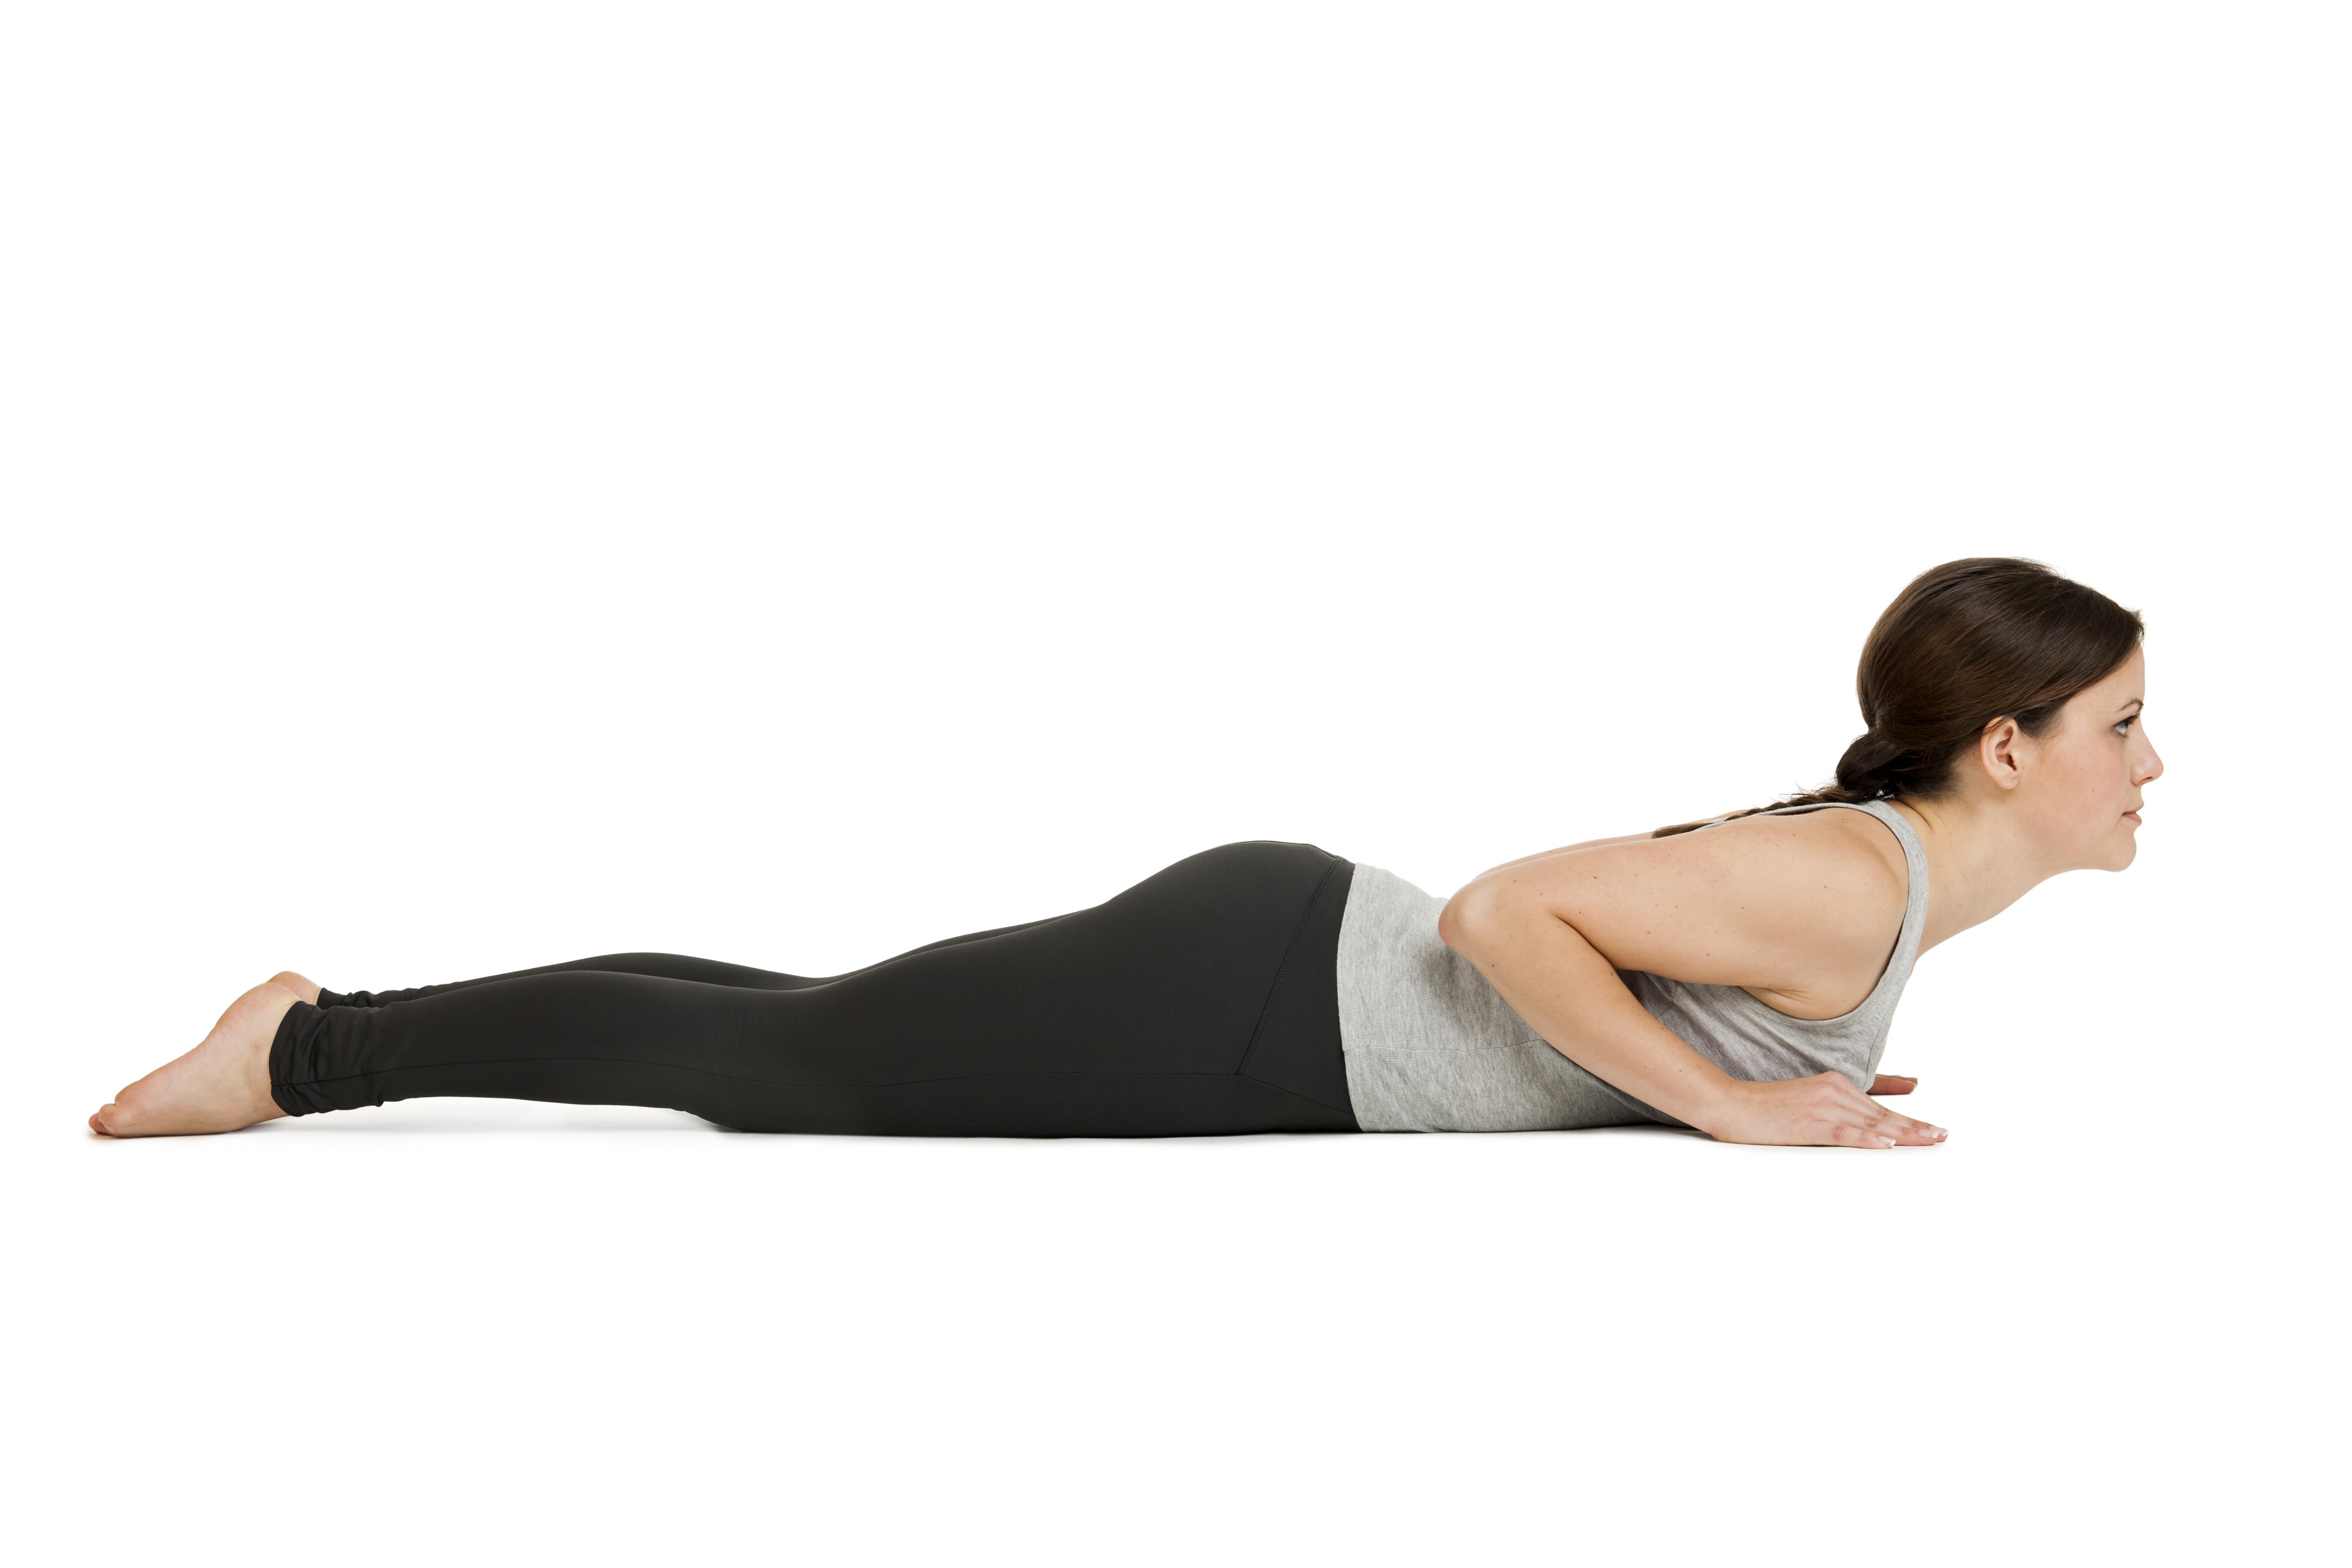 como-tener-abdomen-plano-en-15-minutos-salud180